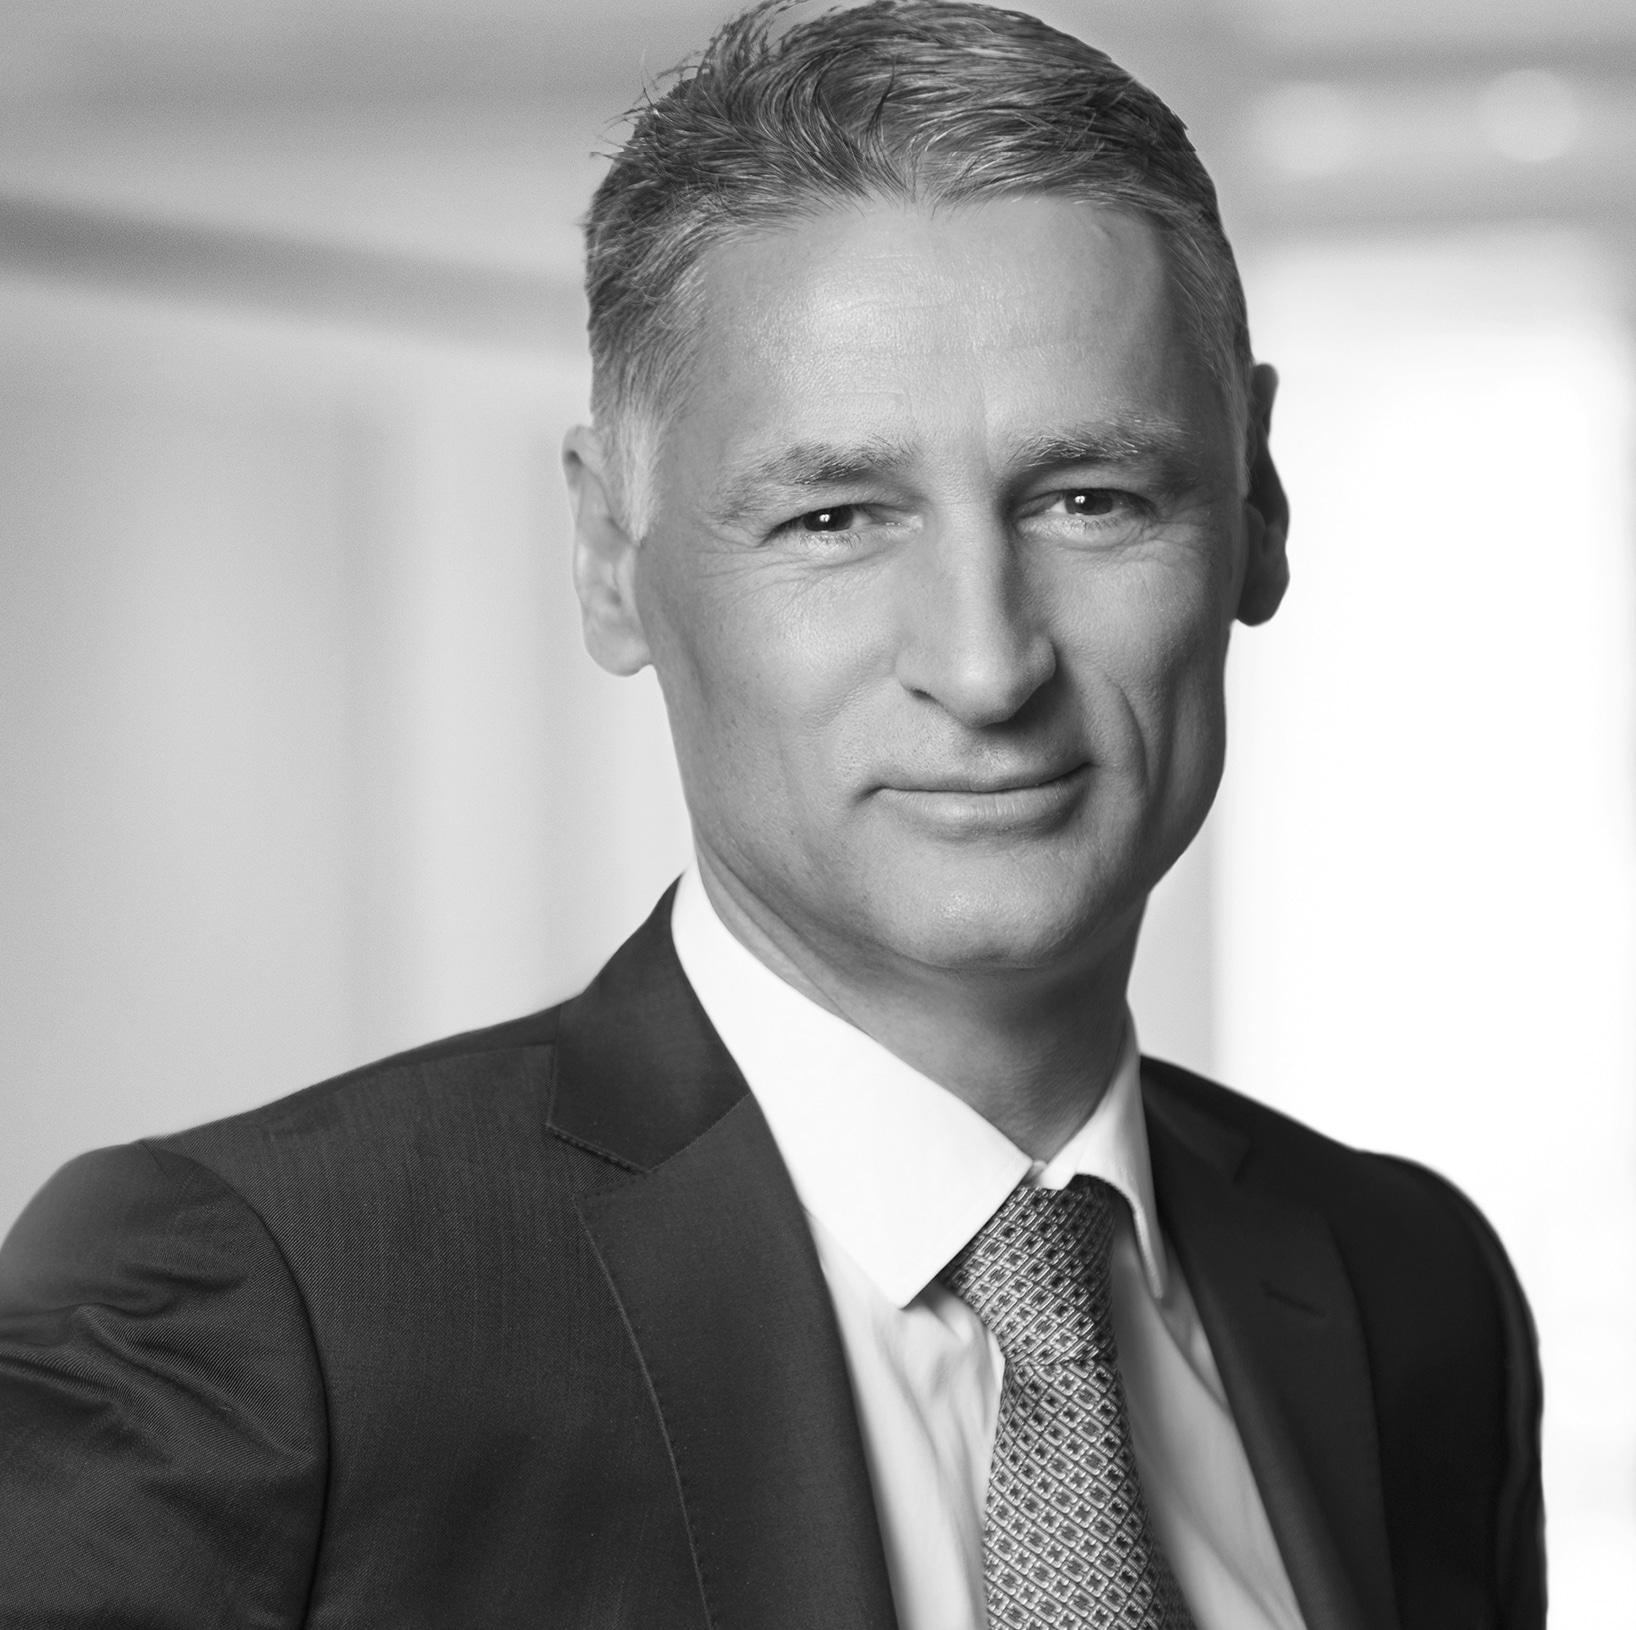 Matthias Schranner